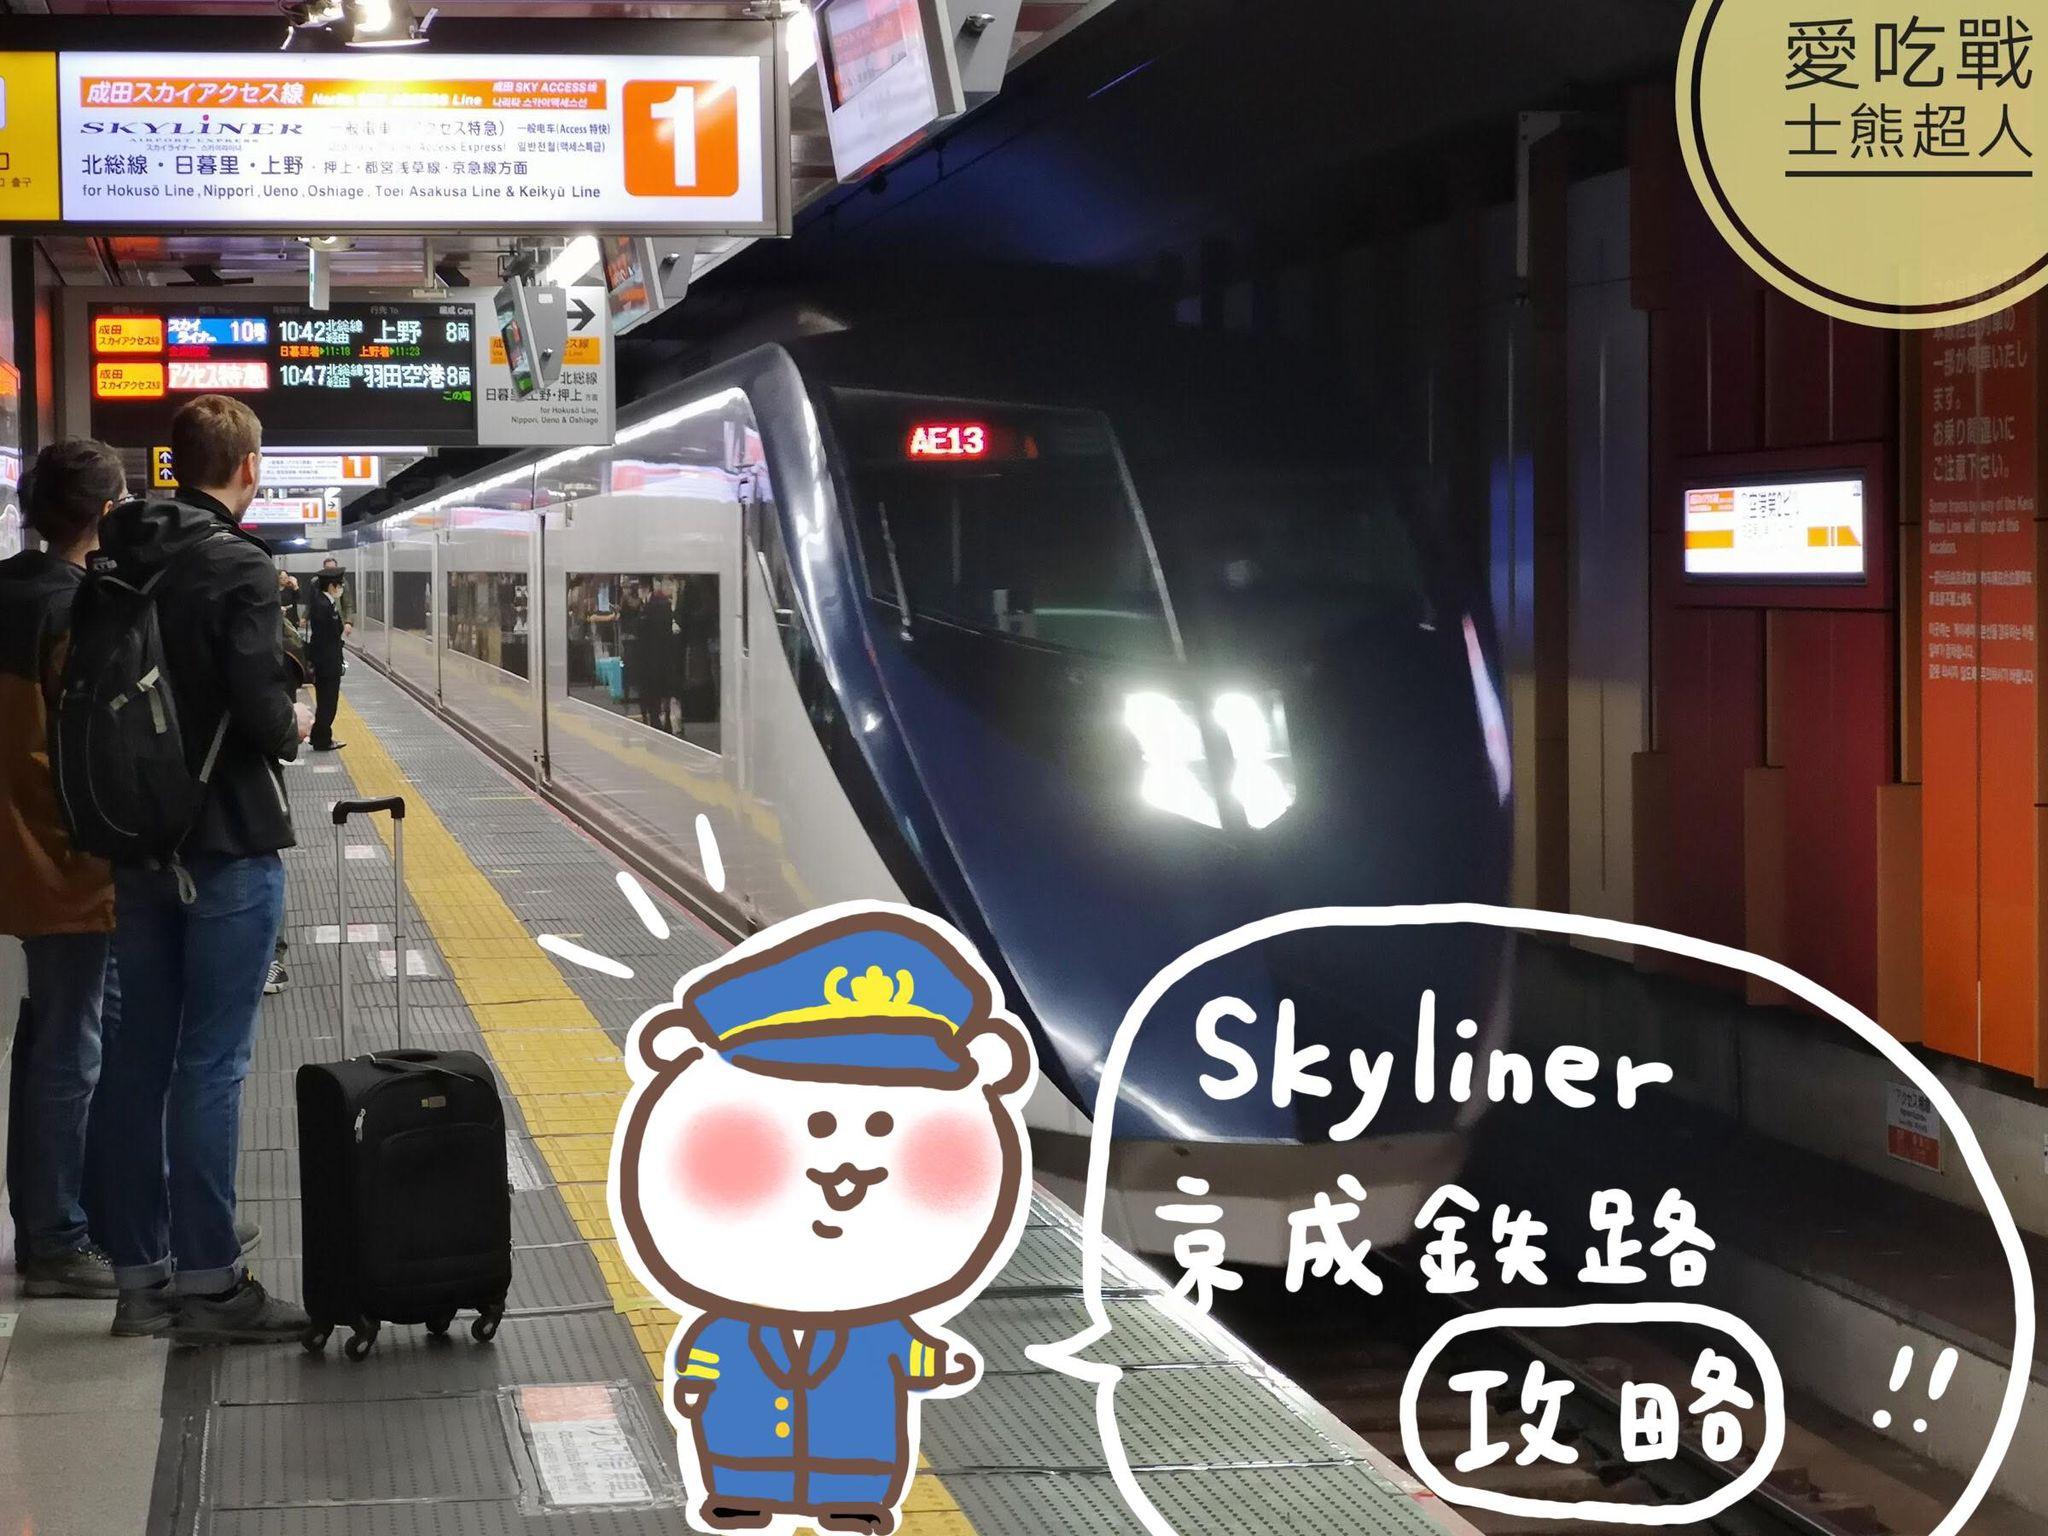 。東京 交通。成田機場來回上野:Skyliner 京成鐵路攻略(路客KLOOK全流程) 2019更新版